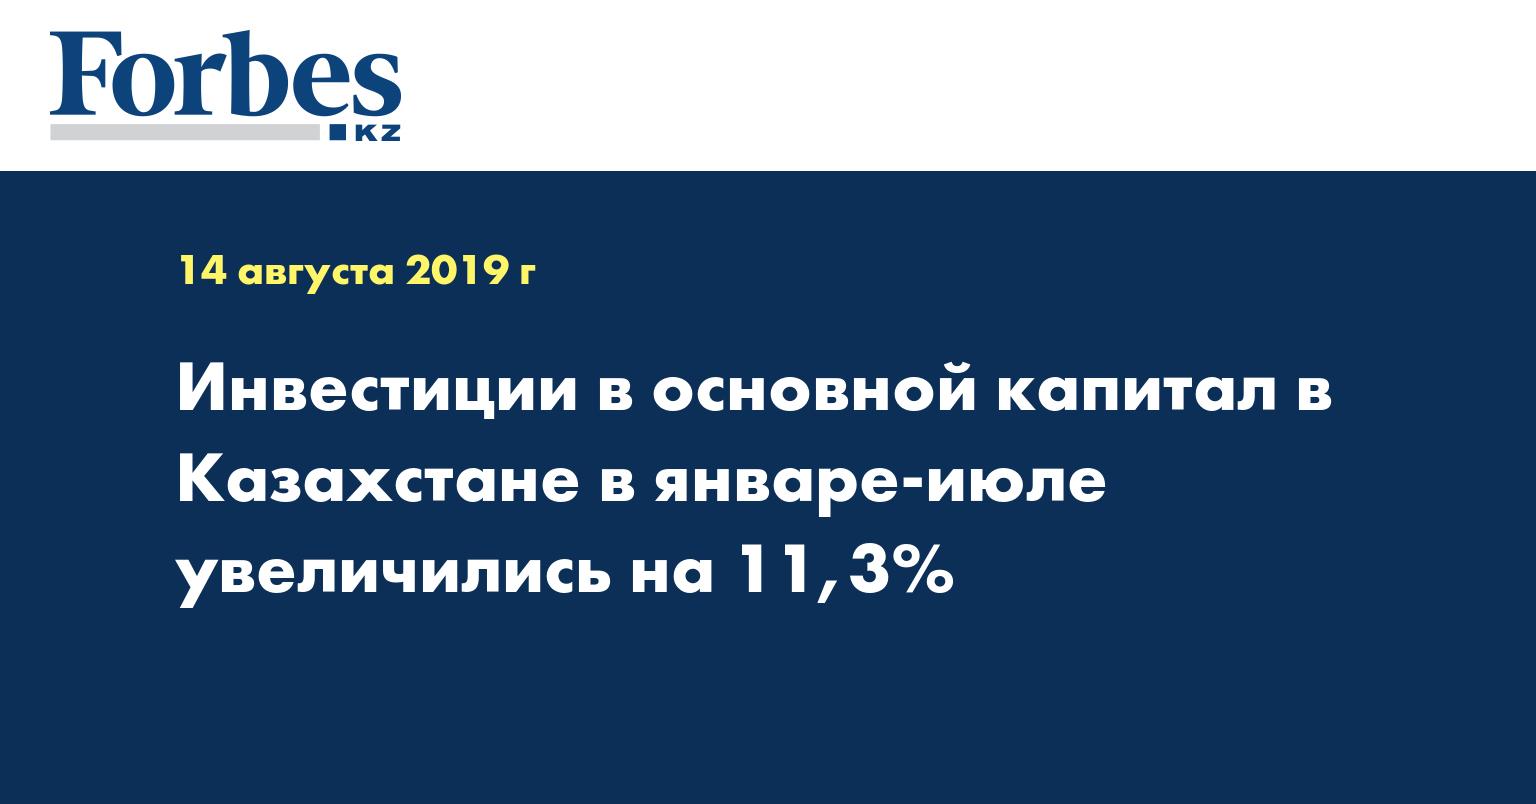 Инвестиции в основной капитал в Казахстане в январе-июле увеличились на 11,3%